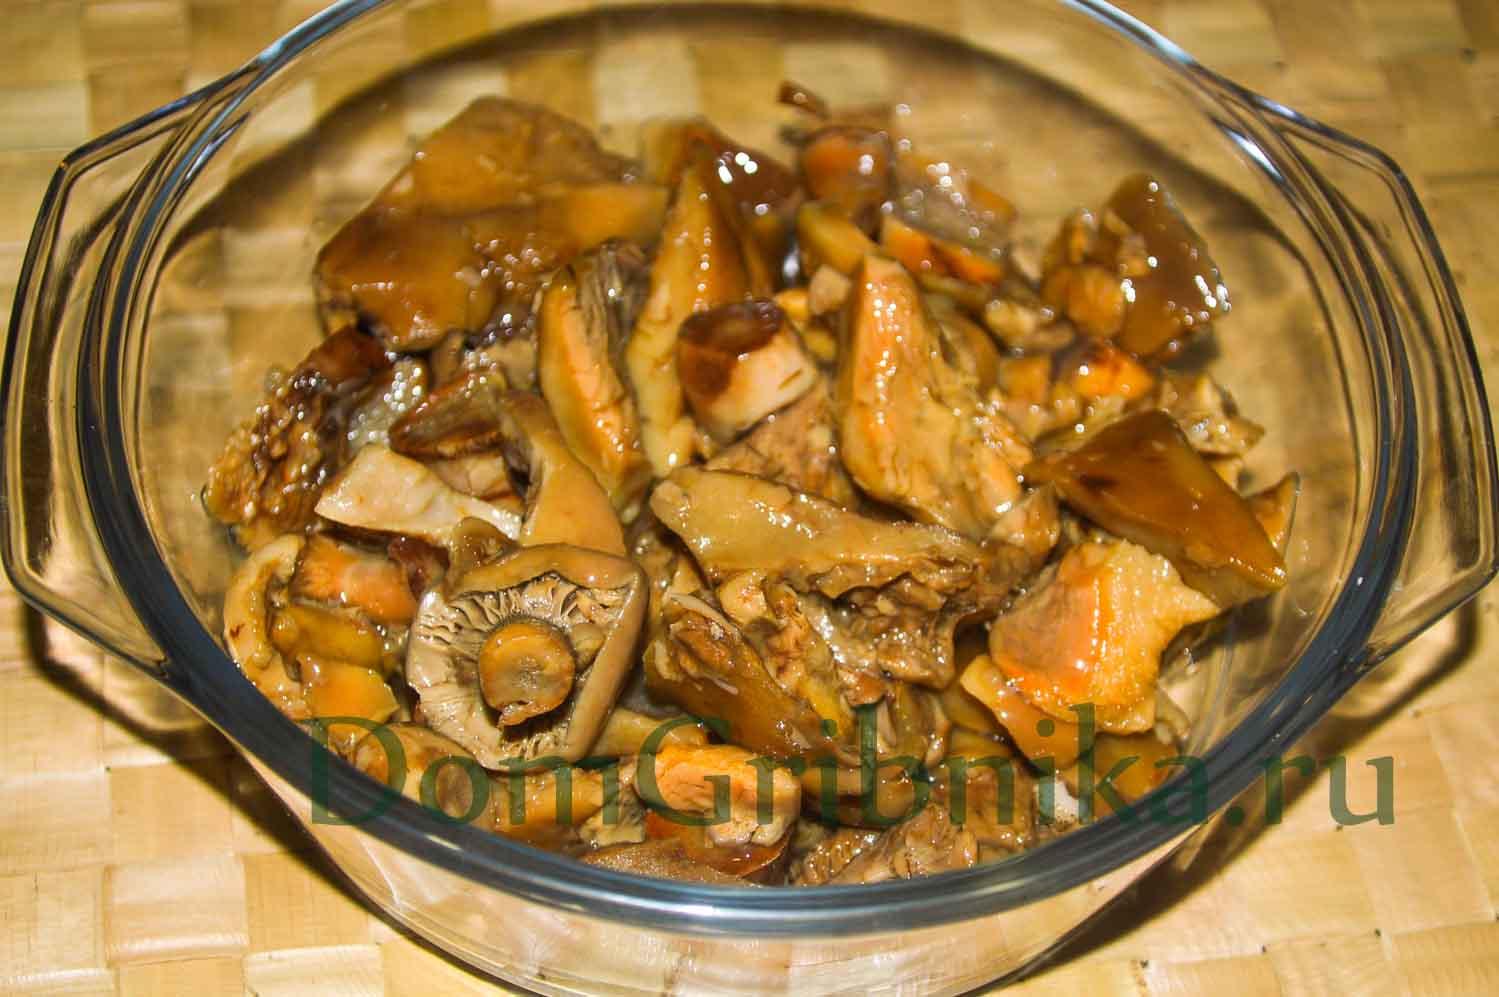 Пирог с груздями: солеными и свежими, с картошкой и луком, рецепты с фото